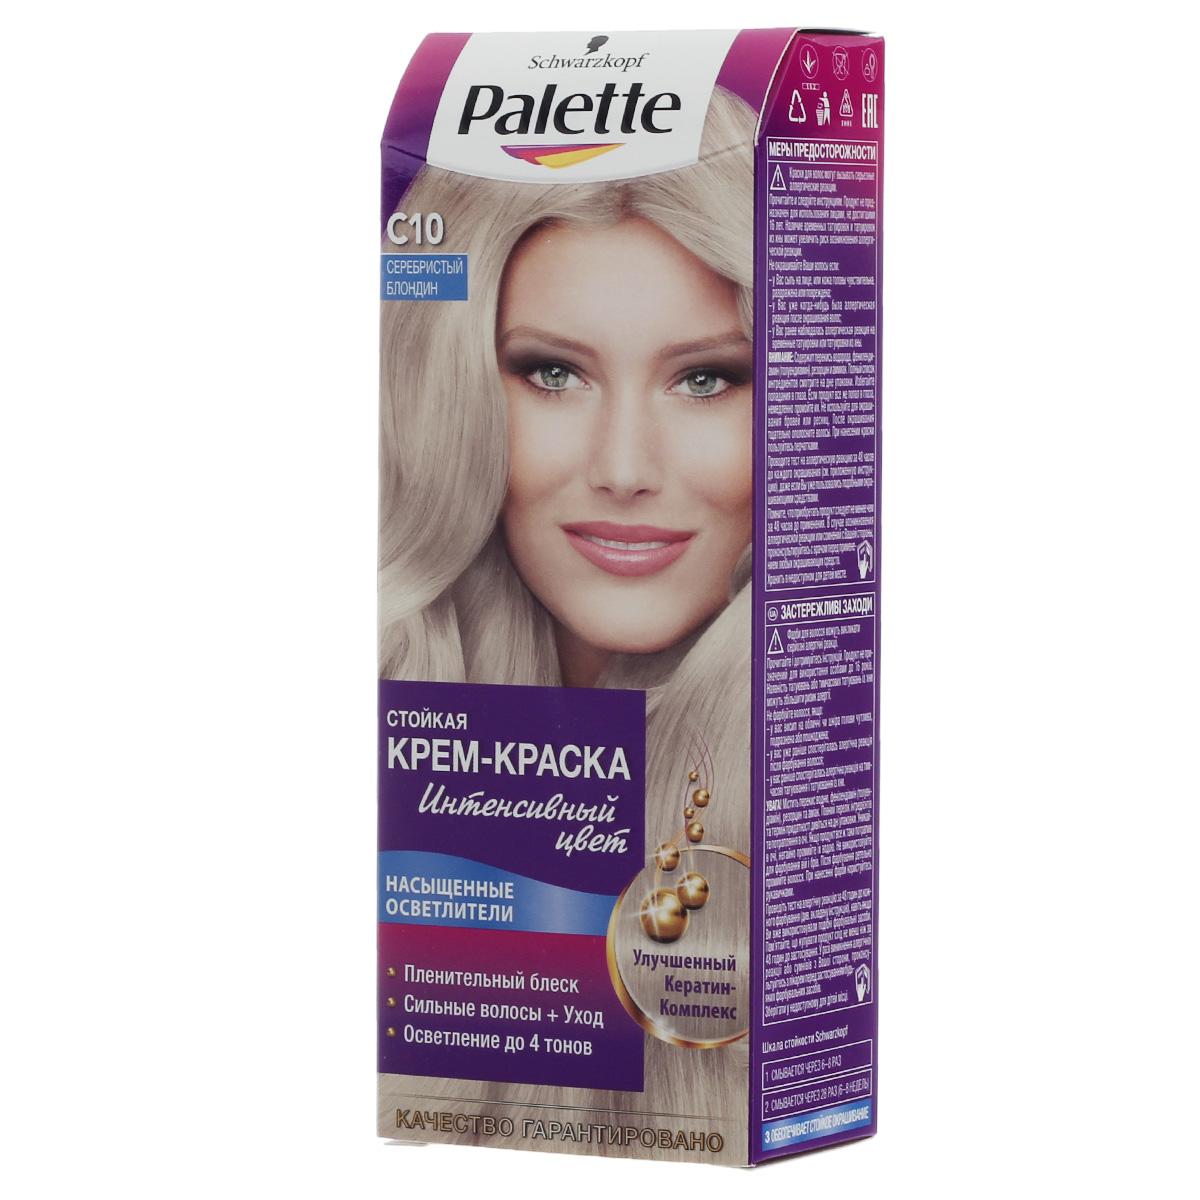 Palette ICC Крем-краска оттенок C10 Серебристый блондин, 100 мл935120Откройте для себя стойкую крем-краску Palette Intensive Color с формулой, обогащенной кератином для стойкого интенсивного цвета и сияющего блеска.Формула окрашивающего крема с Кератин-Комплексом оказывает ухаживающее воздействие в процессе окрашивания, а интенсивные цветовые пигменты глубоко проникают в структуру волос для невероятного сияющего цвета. Процесс окрашивания оставит ощущение мягкости и гладкости волос, а новая формула надежно защитит Ваш любимый оттенок от выцветания.